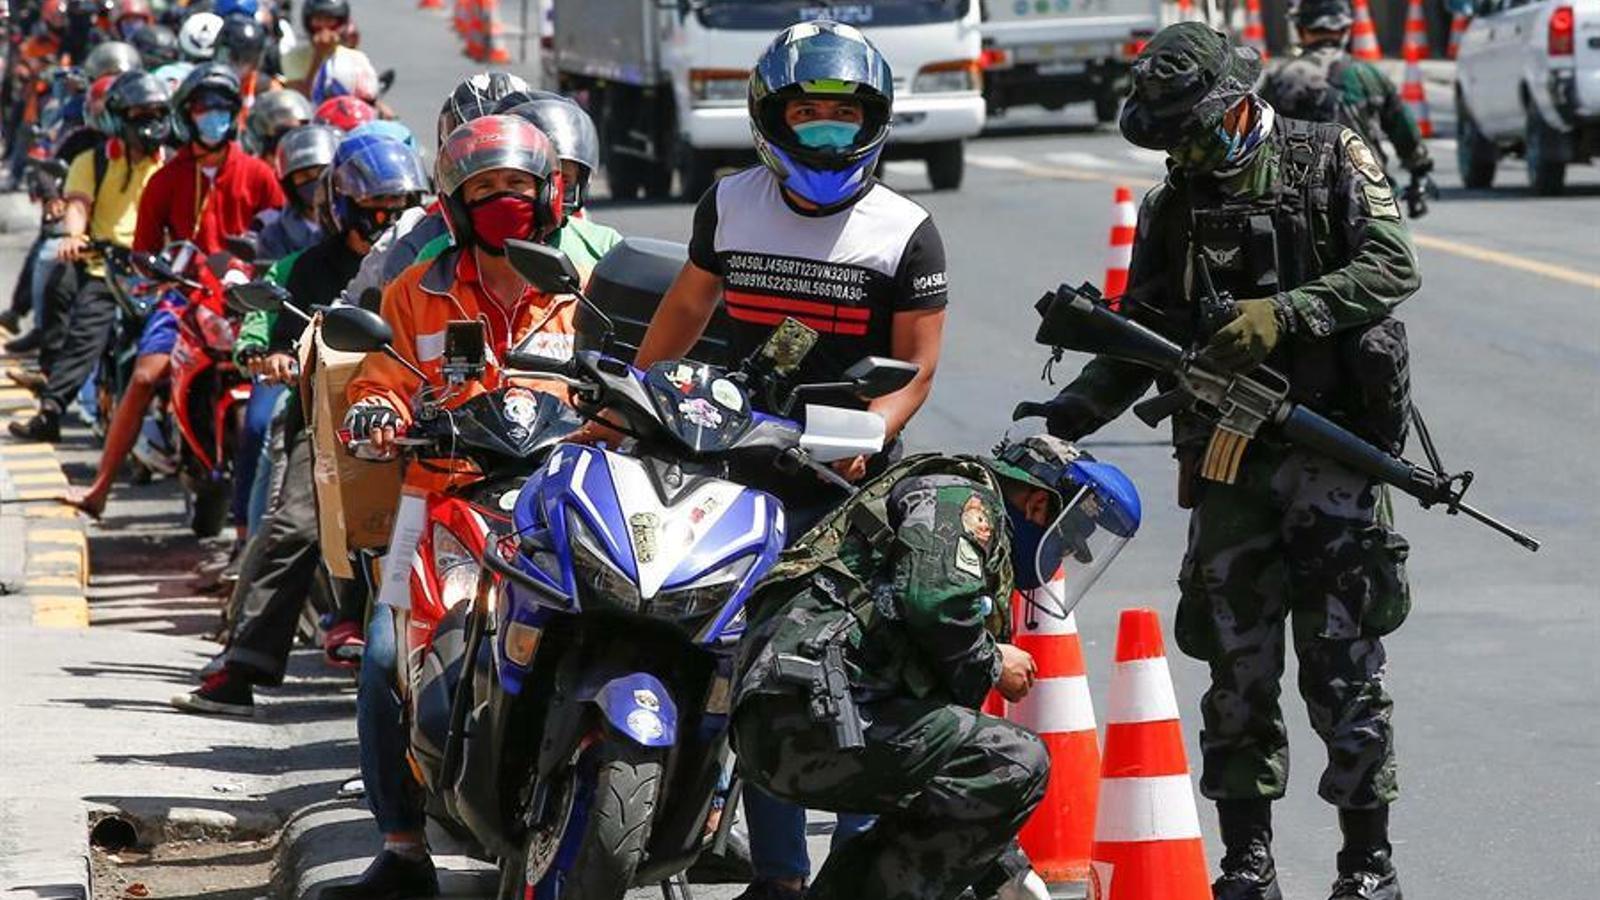 Un control militar obliga centenars de motoristes a esperar en una llarga cua, a l'àrea metropolitana de Manila